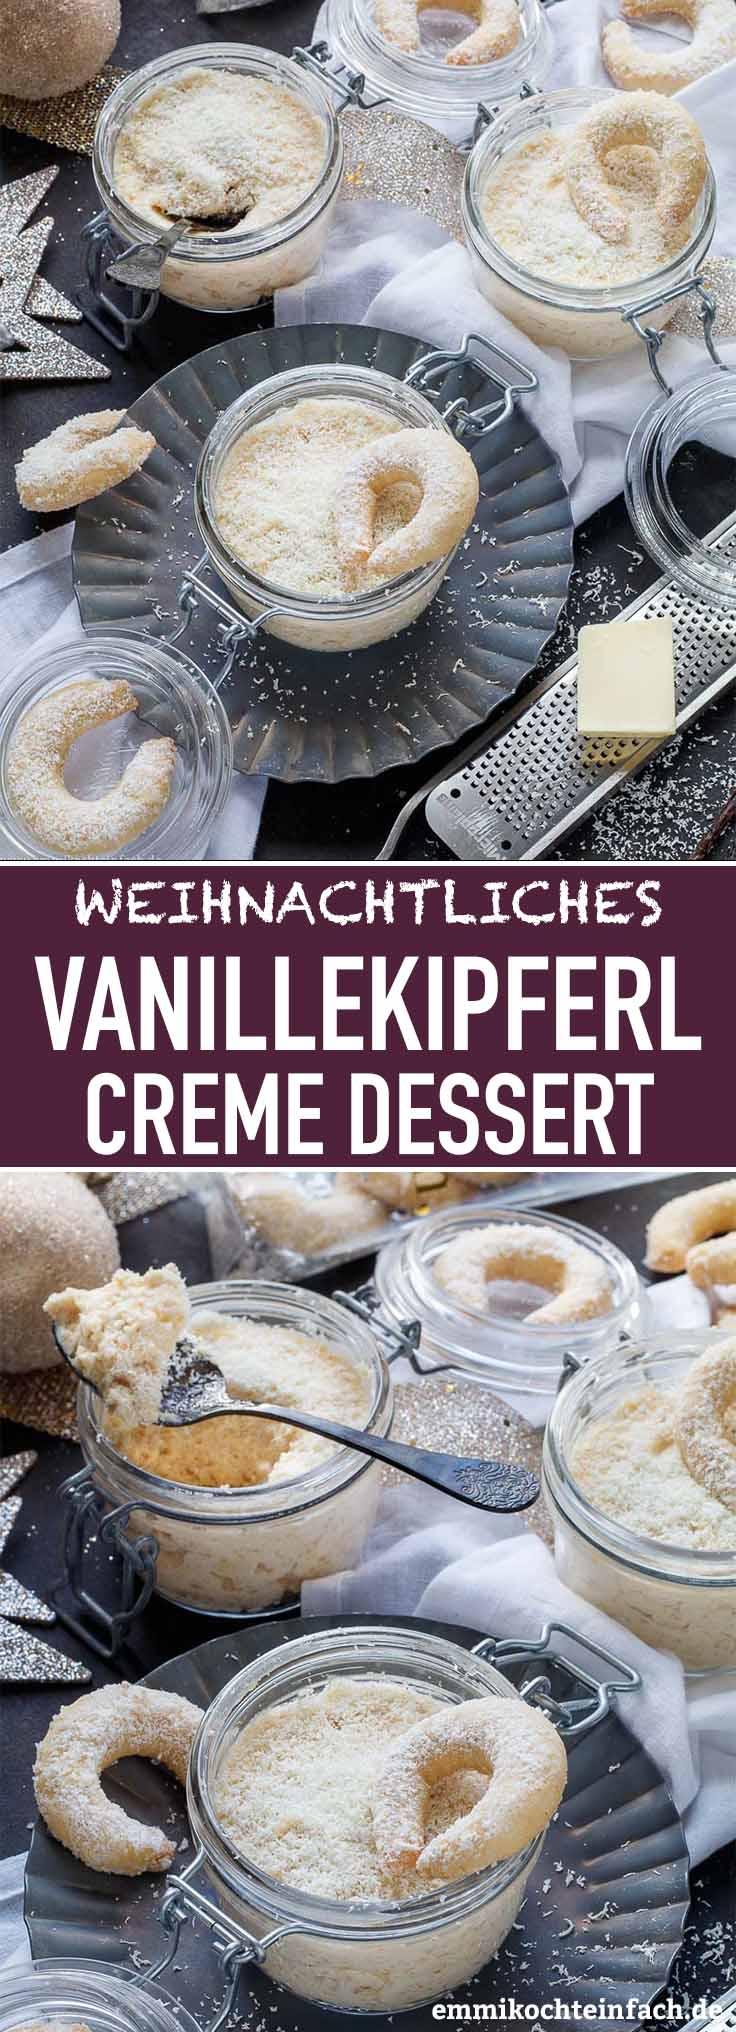 Vanillekipferl Creme Dessert - www.emmikochteinfach.de